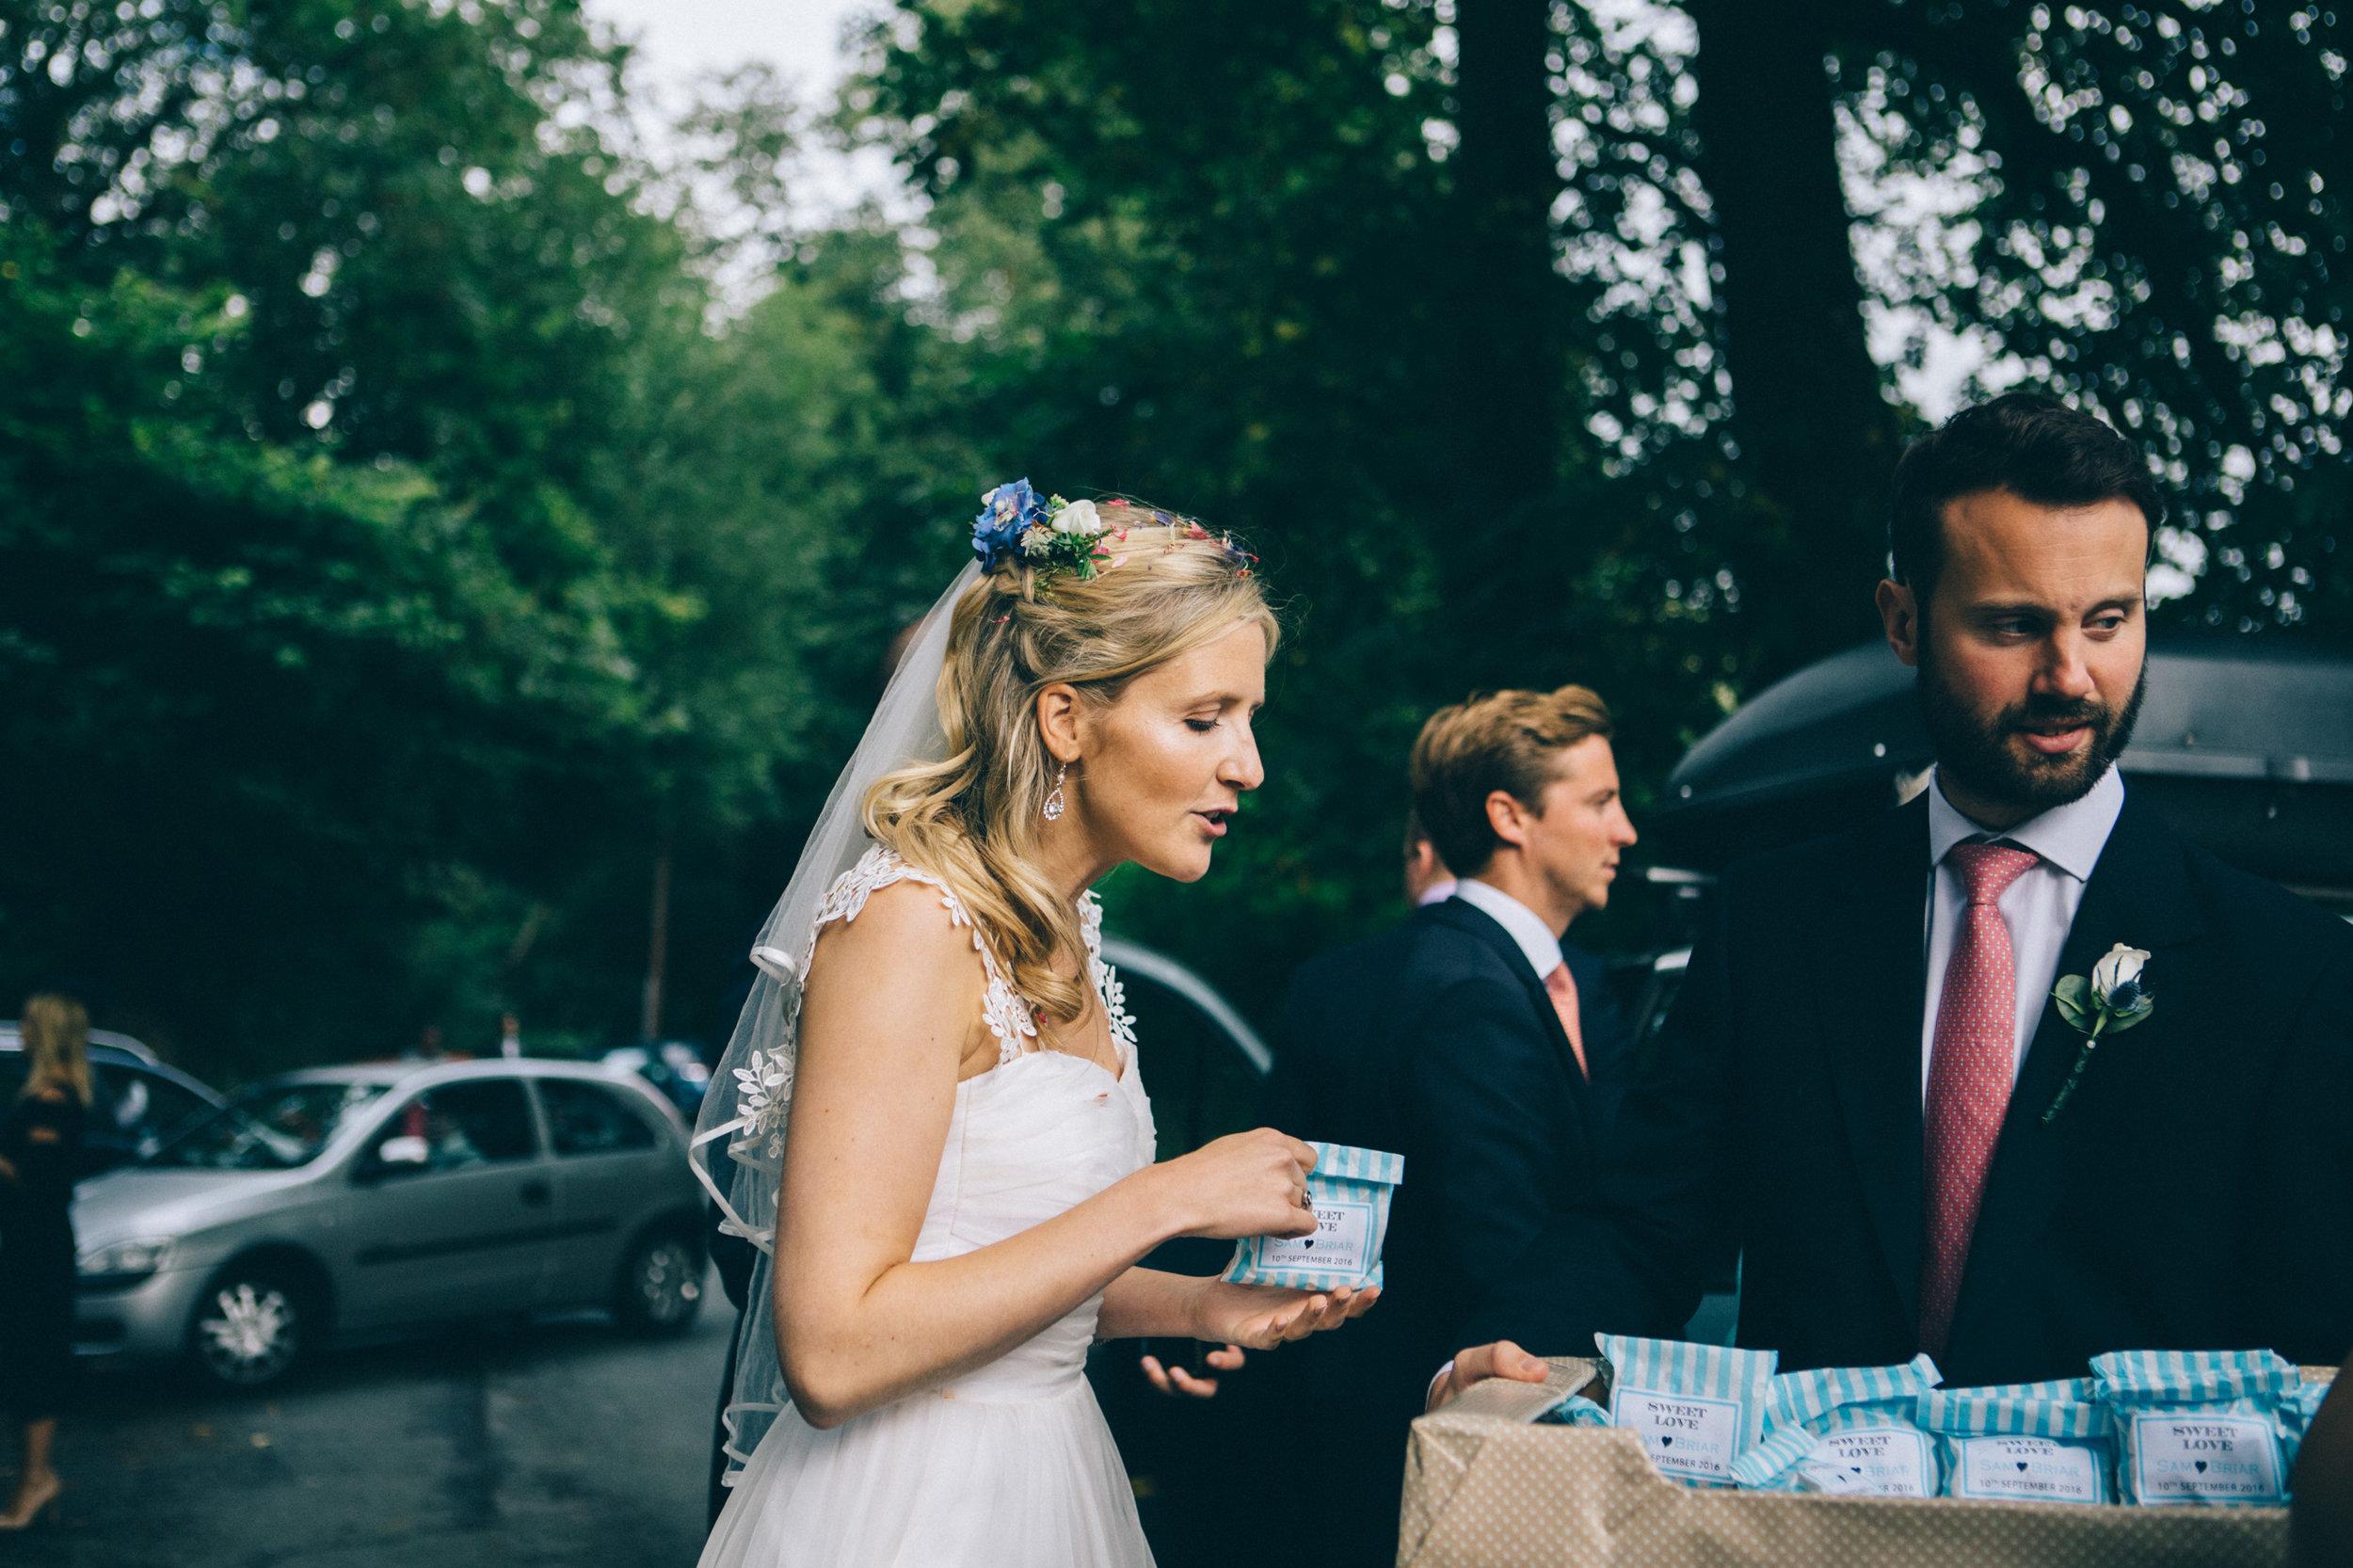 uk wedding photographer artistic wedding photography-85.jpg